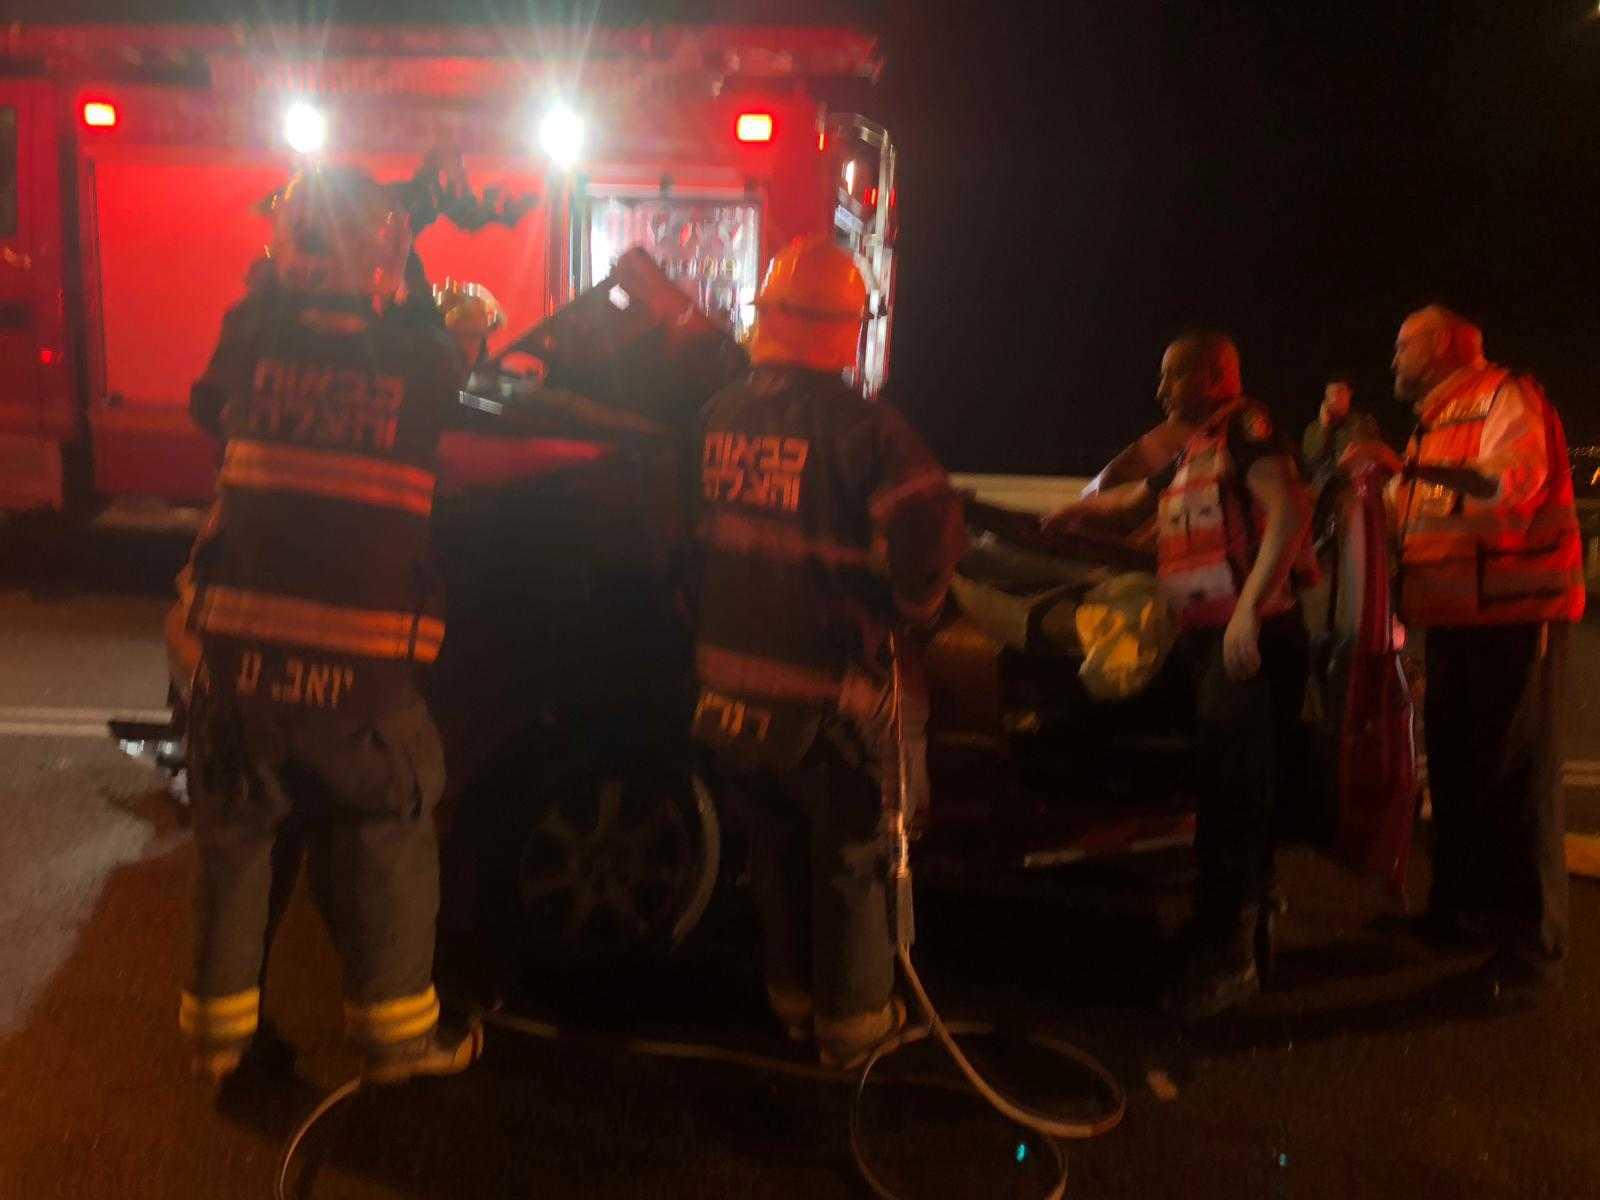 טרגדיה: צעיר נהרג הלילה בתאונה חזיתית סמוך לביתר